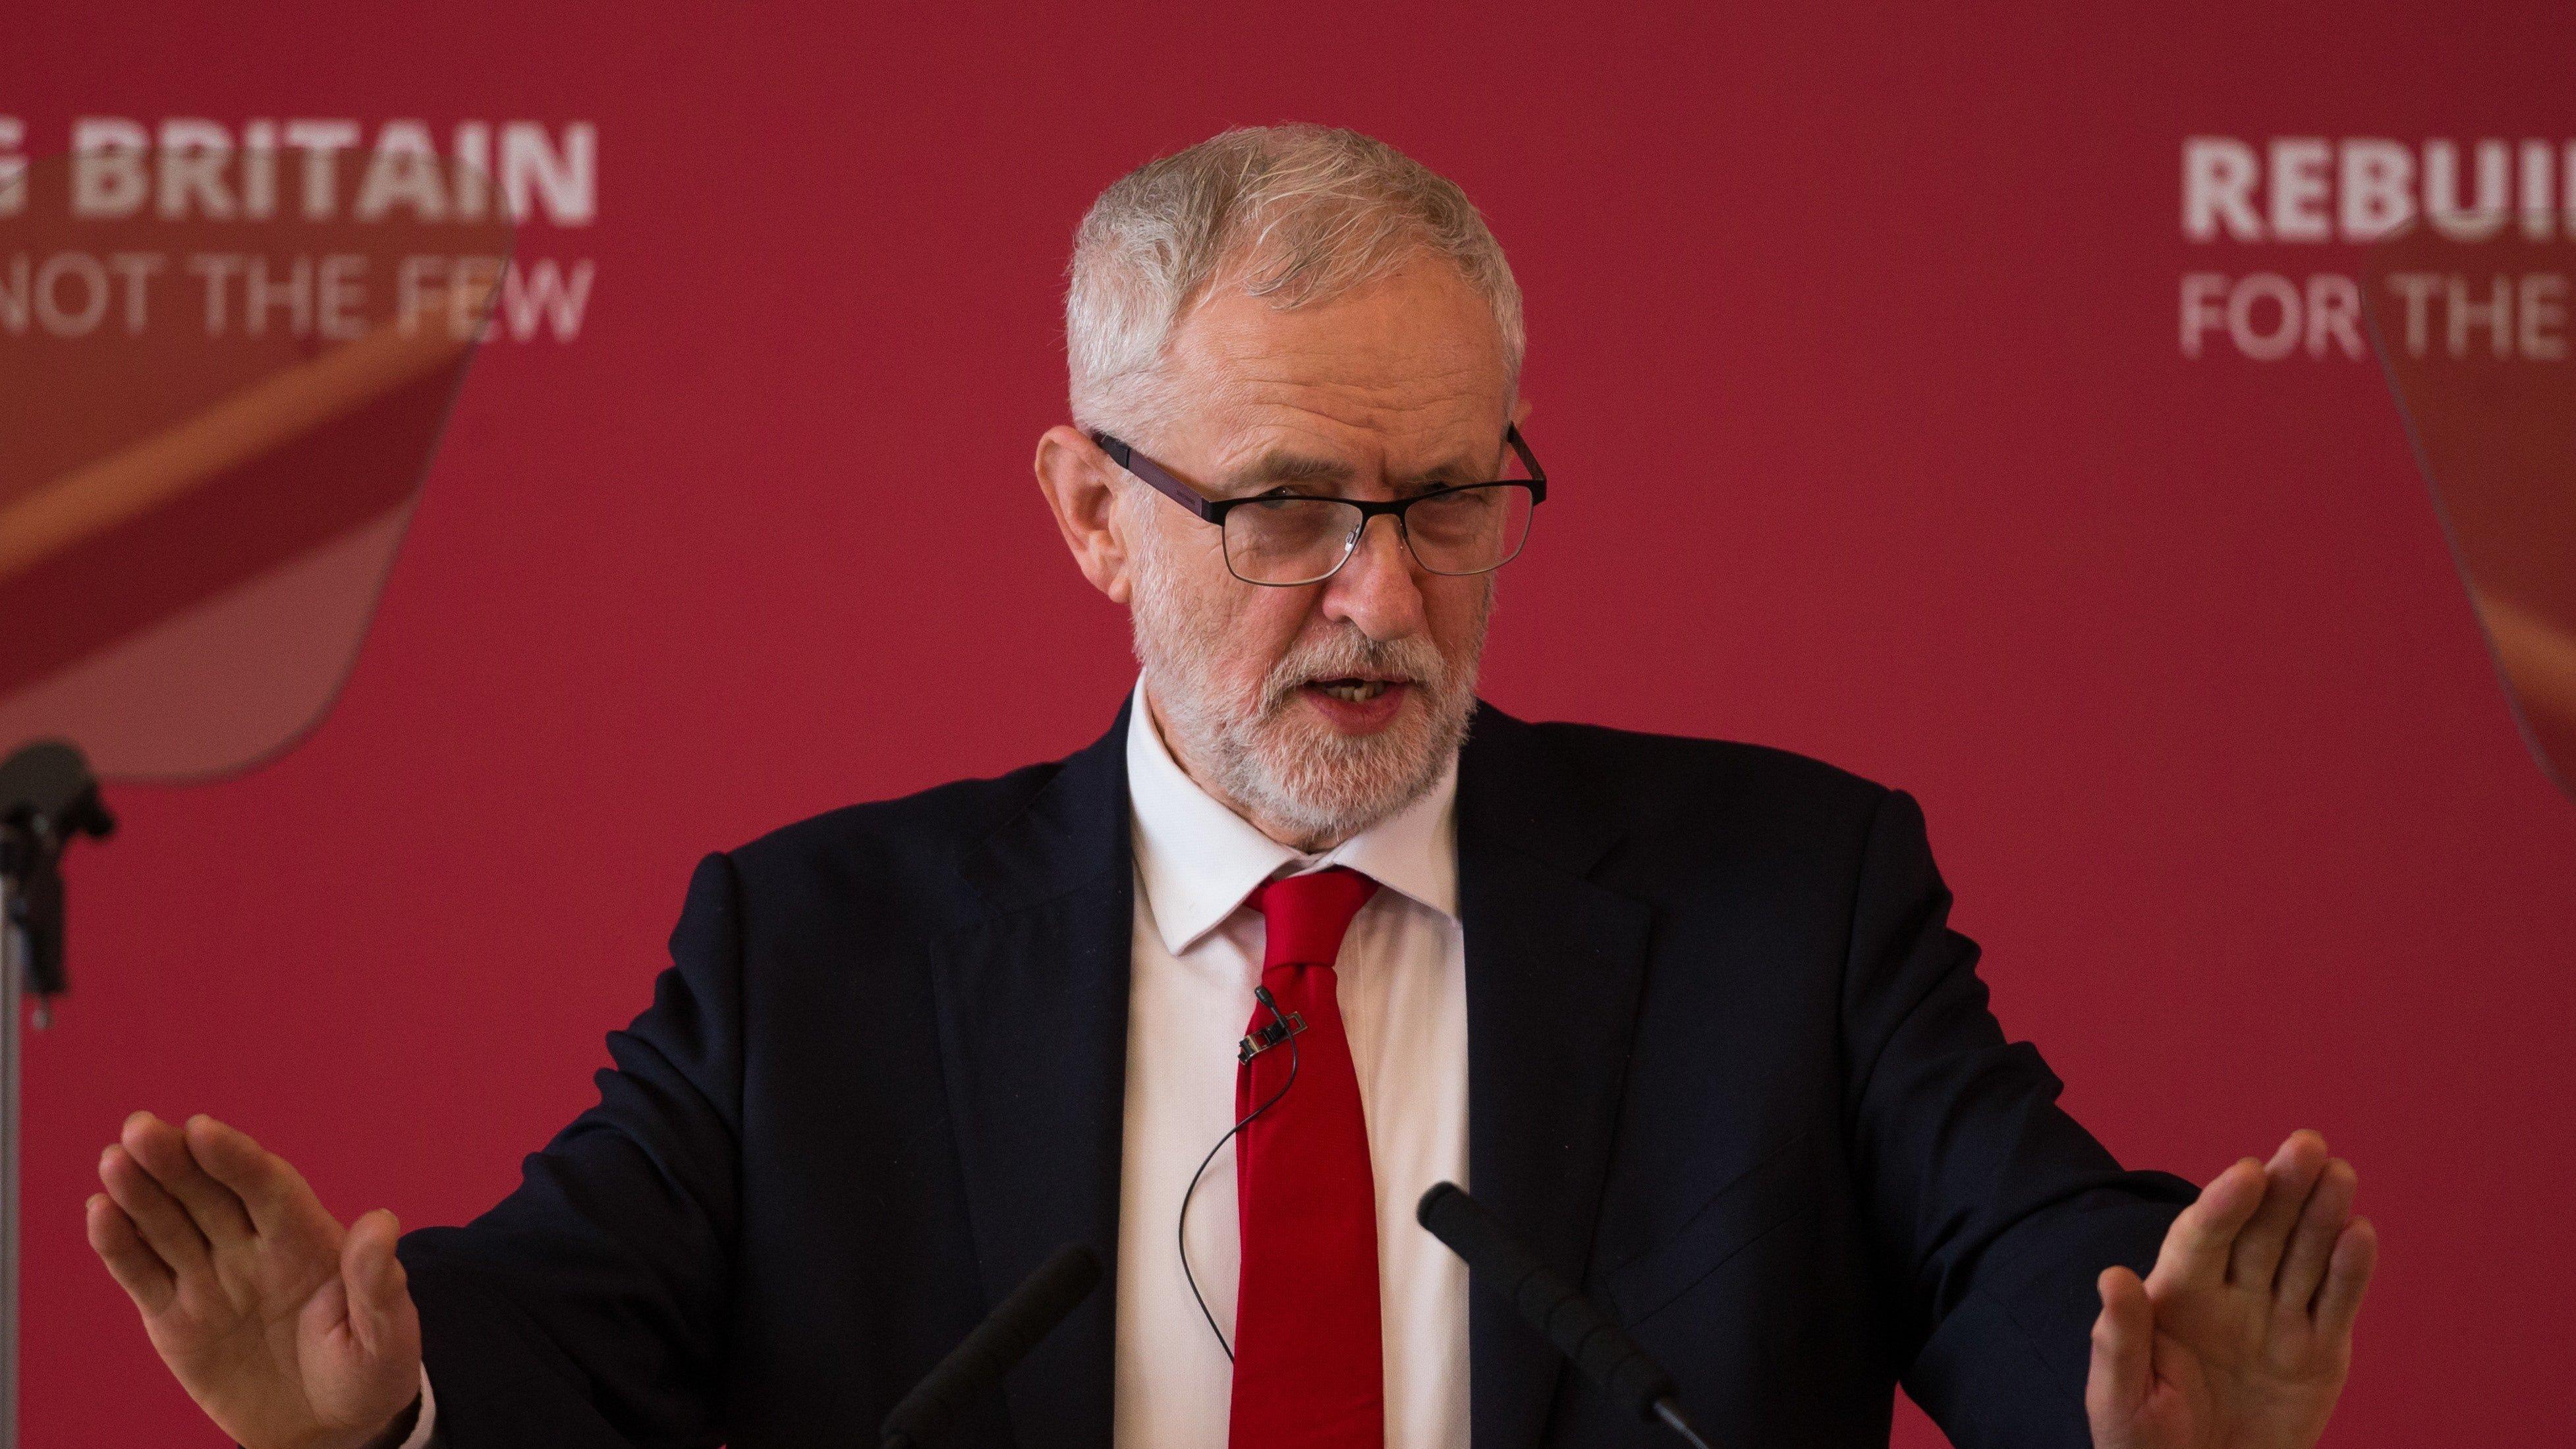 Brexit: Protest gegen Labour-Chef Jeremy Corbyn - sieben Abgeordnete verlassen Partei